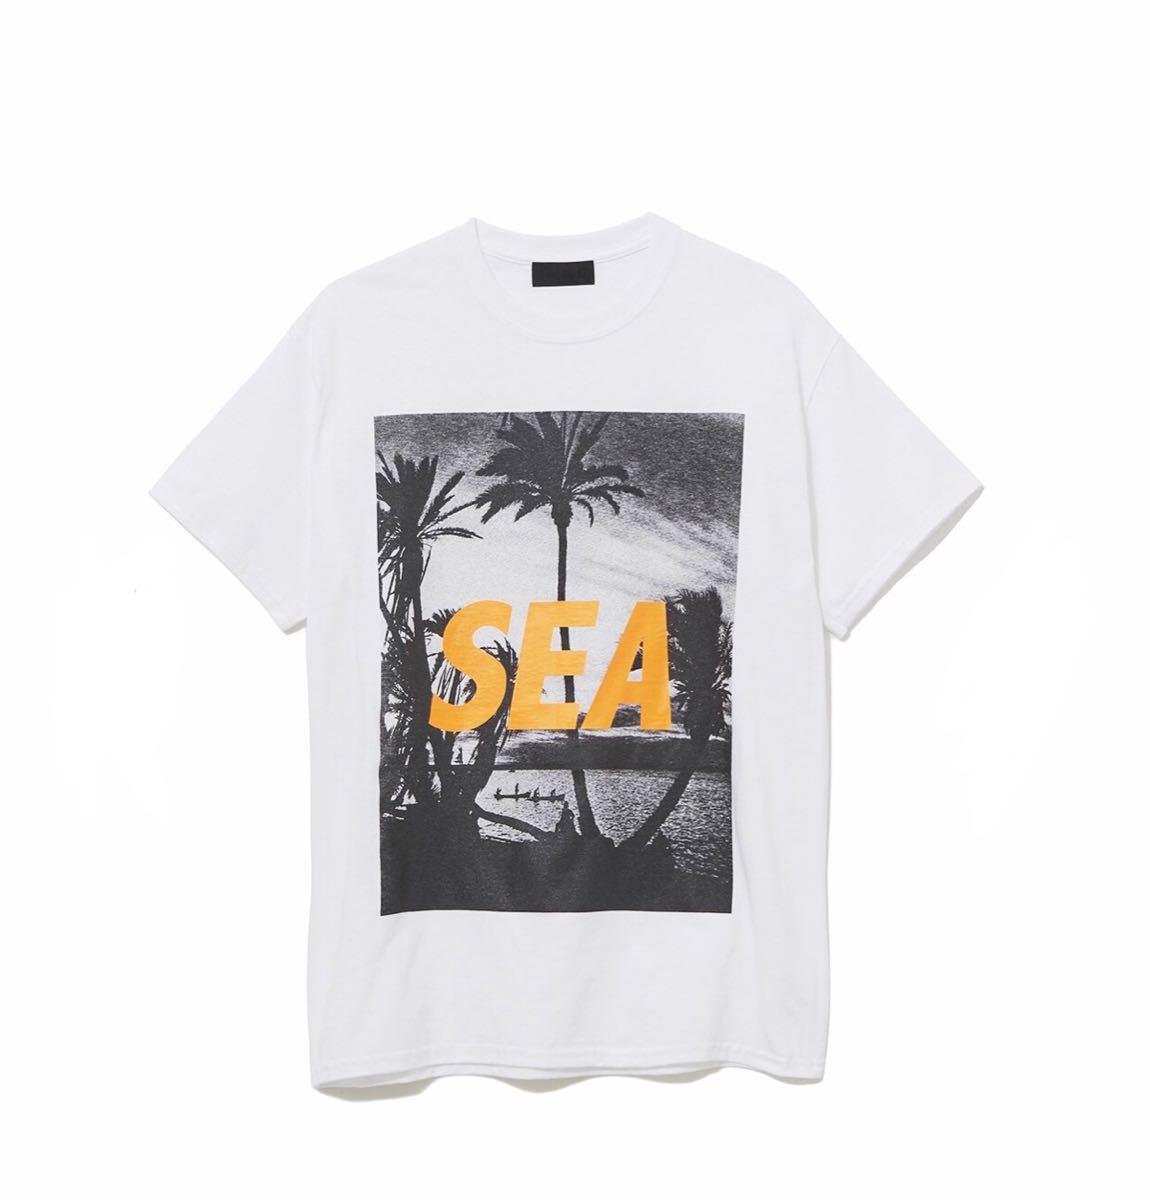 Mサイズ WIND AND SEA T-SHIRT PALM TREE PHOTO WHITE 新品未使用 ウィンダンシー Tシャツ キムタク